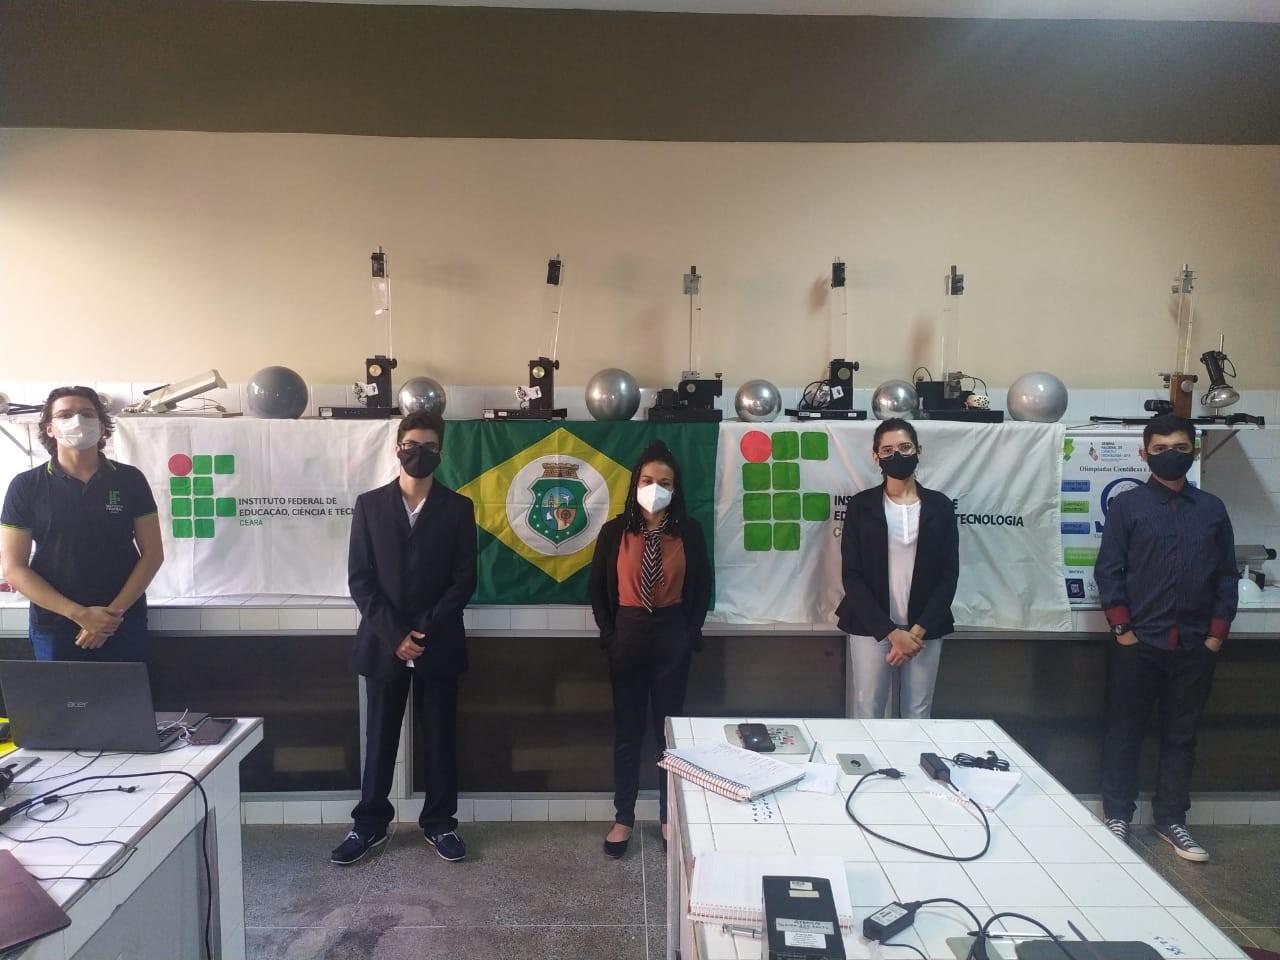 Jovem do interior do Ceará ganha medalha de prata em torneio e vai disputar Copa do Mundo de Física na Geórgia